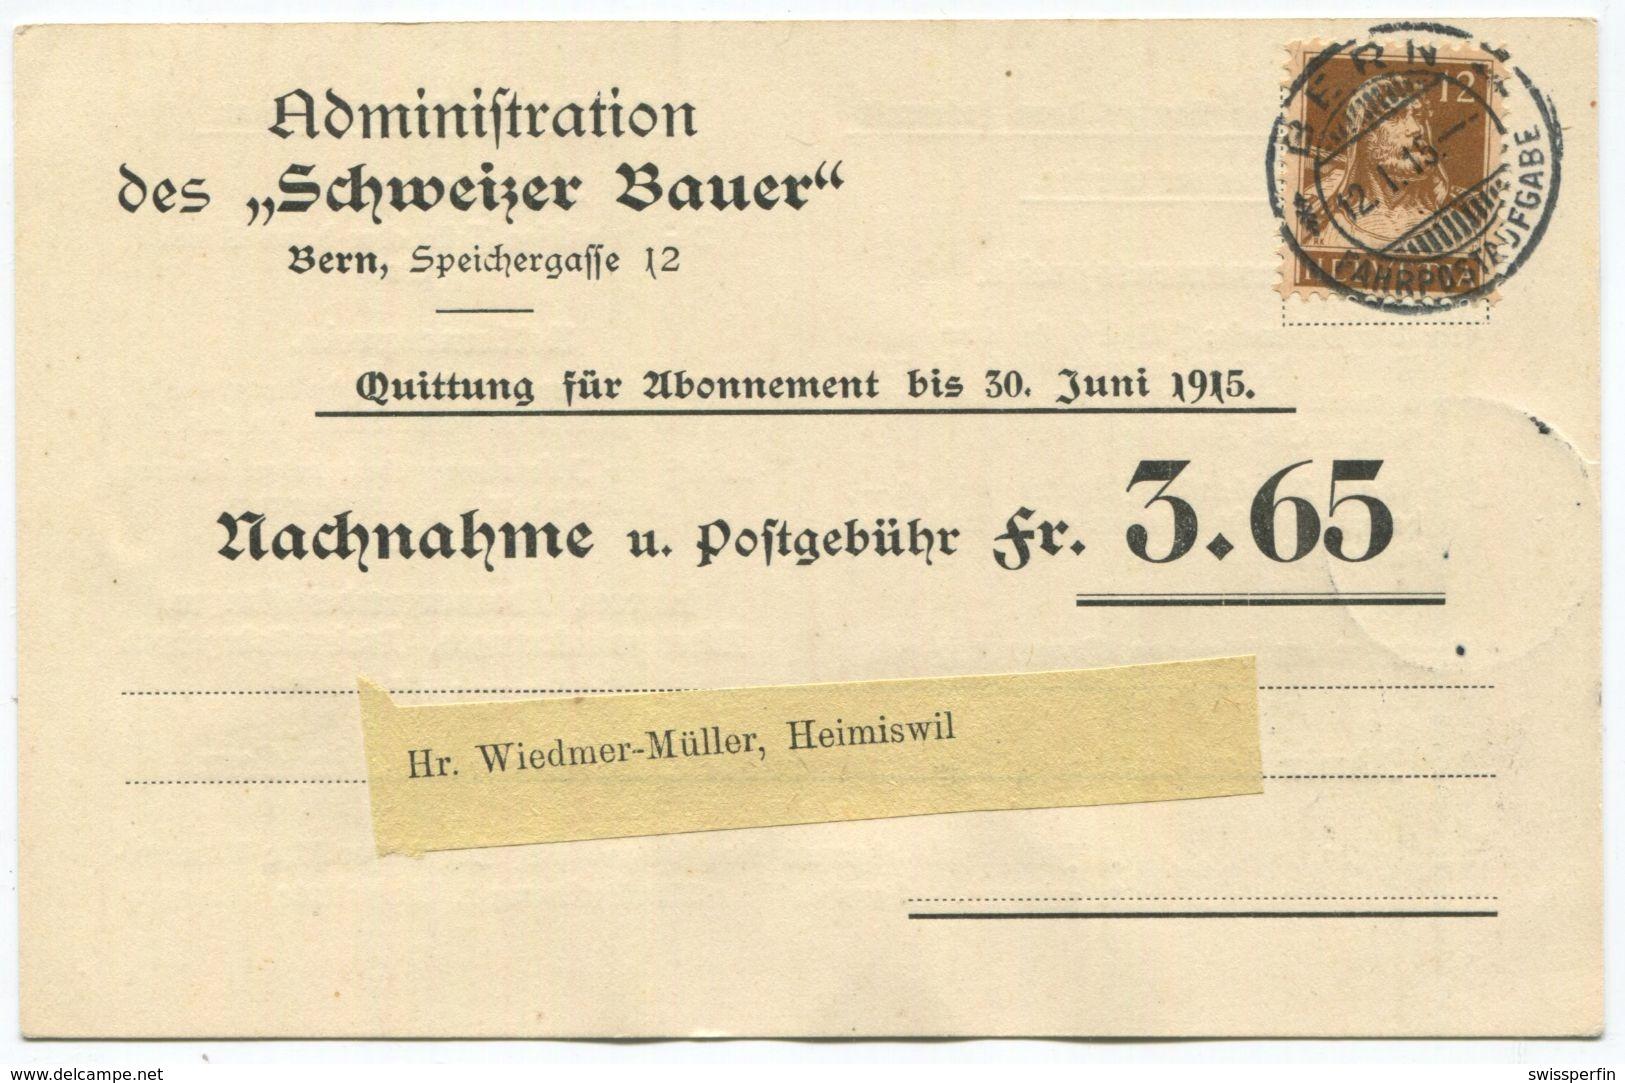 1715 - Seltene 12 Rp. Tell EF - Portorichtige Verwendung Nur Während Ca. 6 Monaten Möglich! - Schweiz